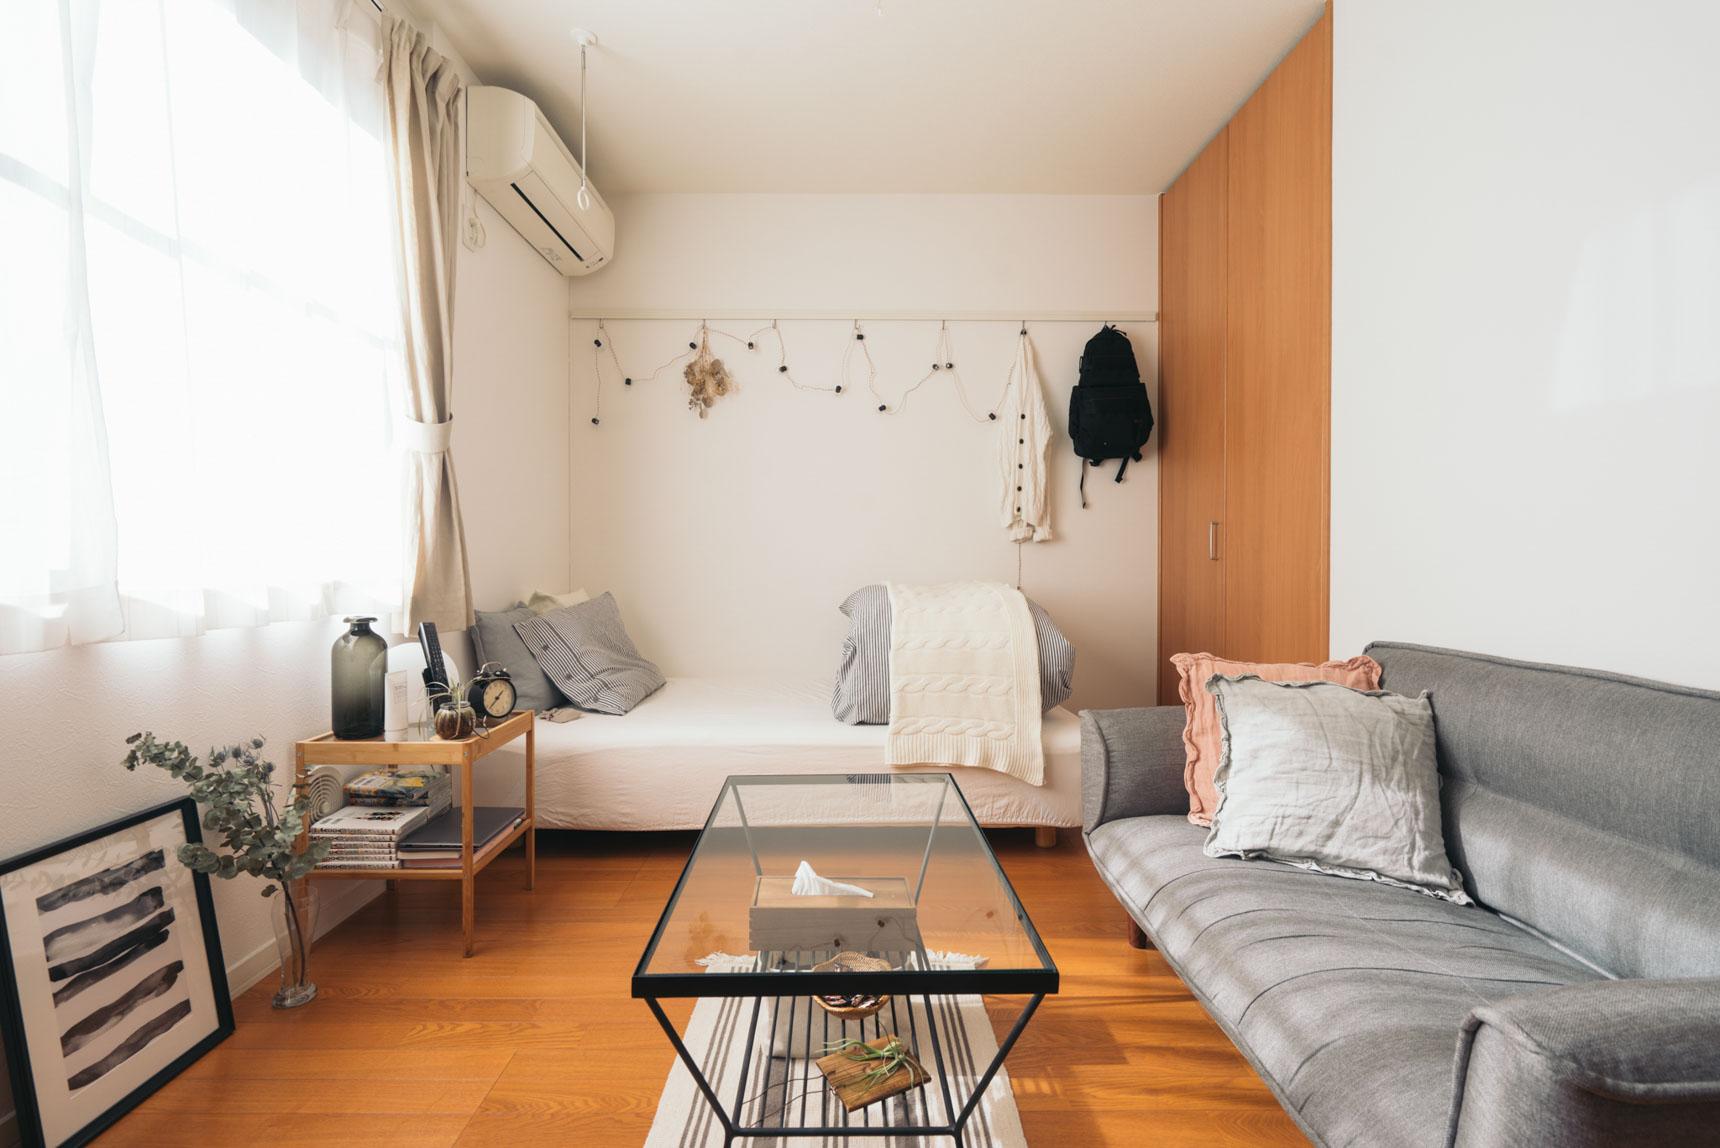 コンパクトな家具で、メリハリある部屋づくり。naa9290さんのナチュラルな1Kの暮らし